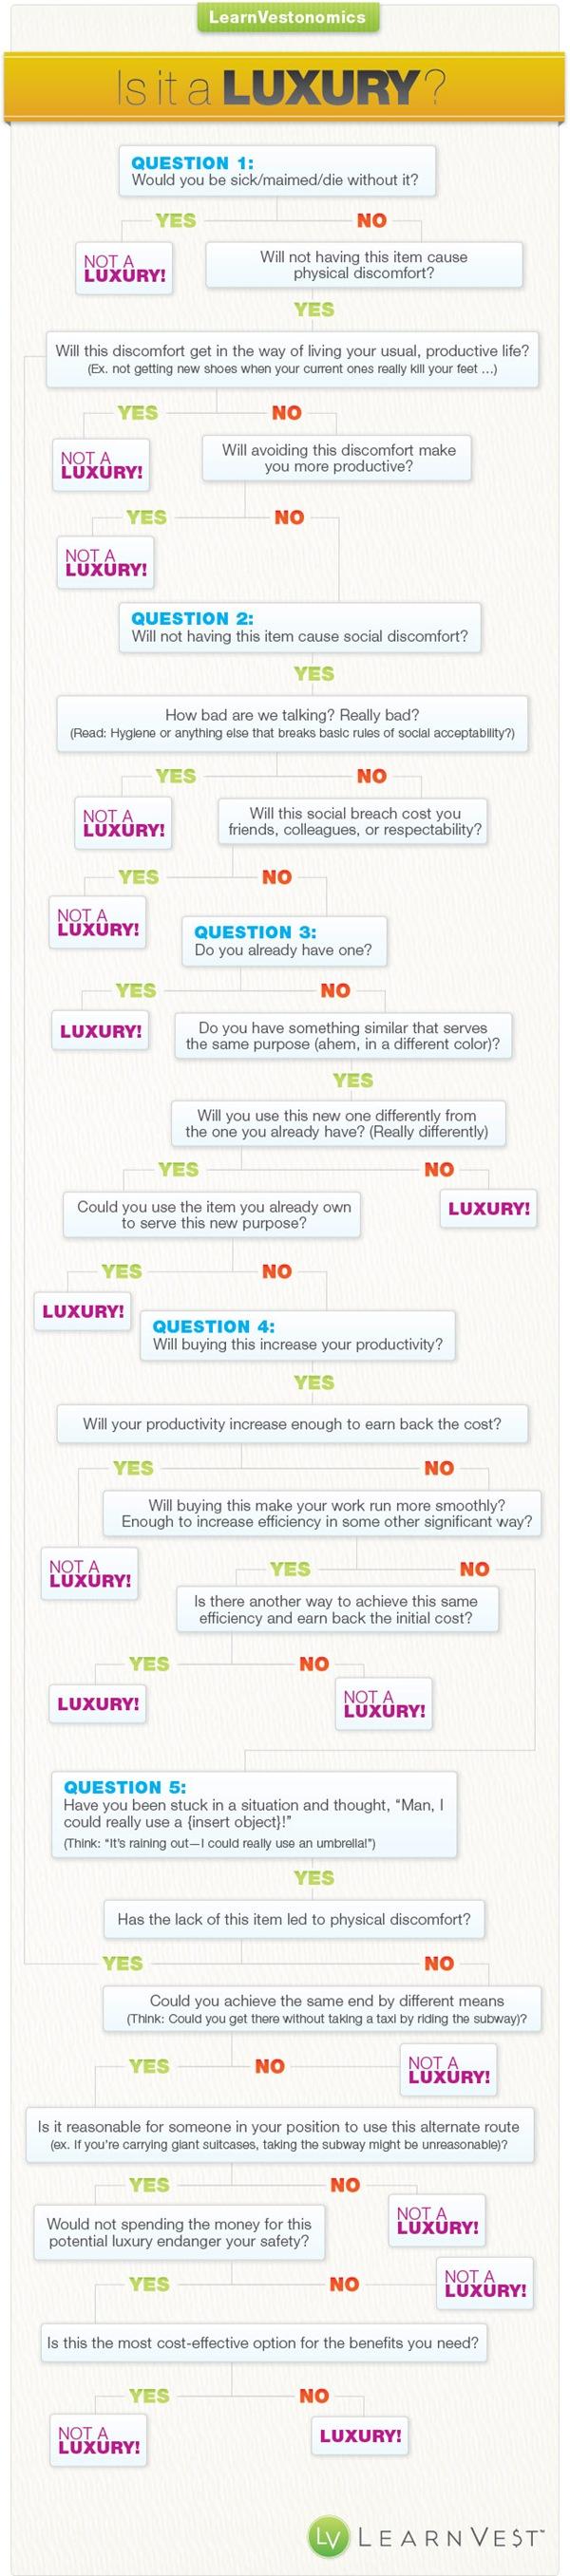 Luxury Infographic